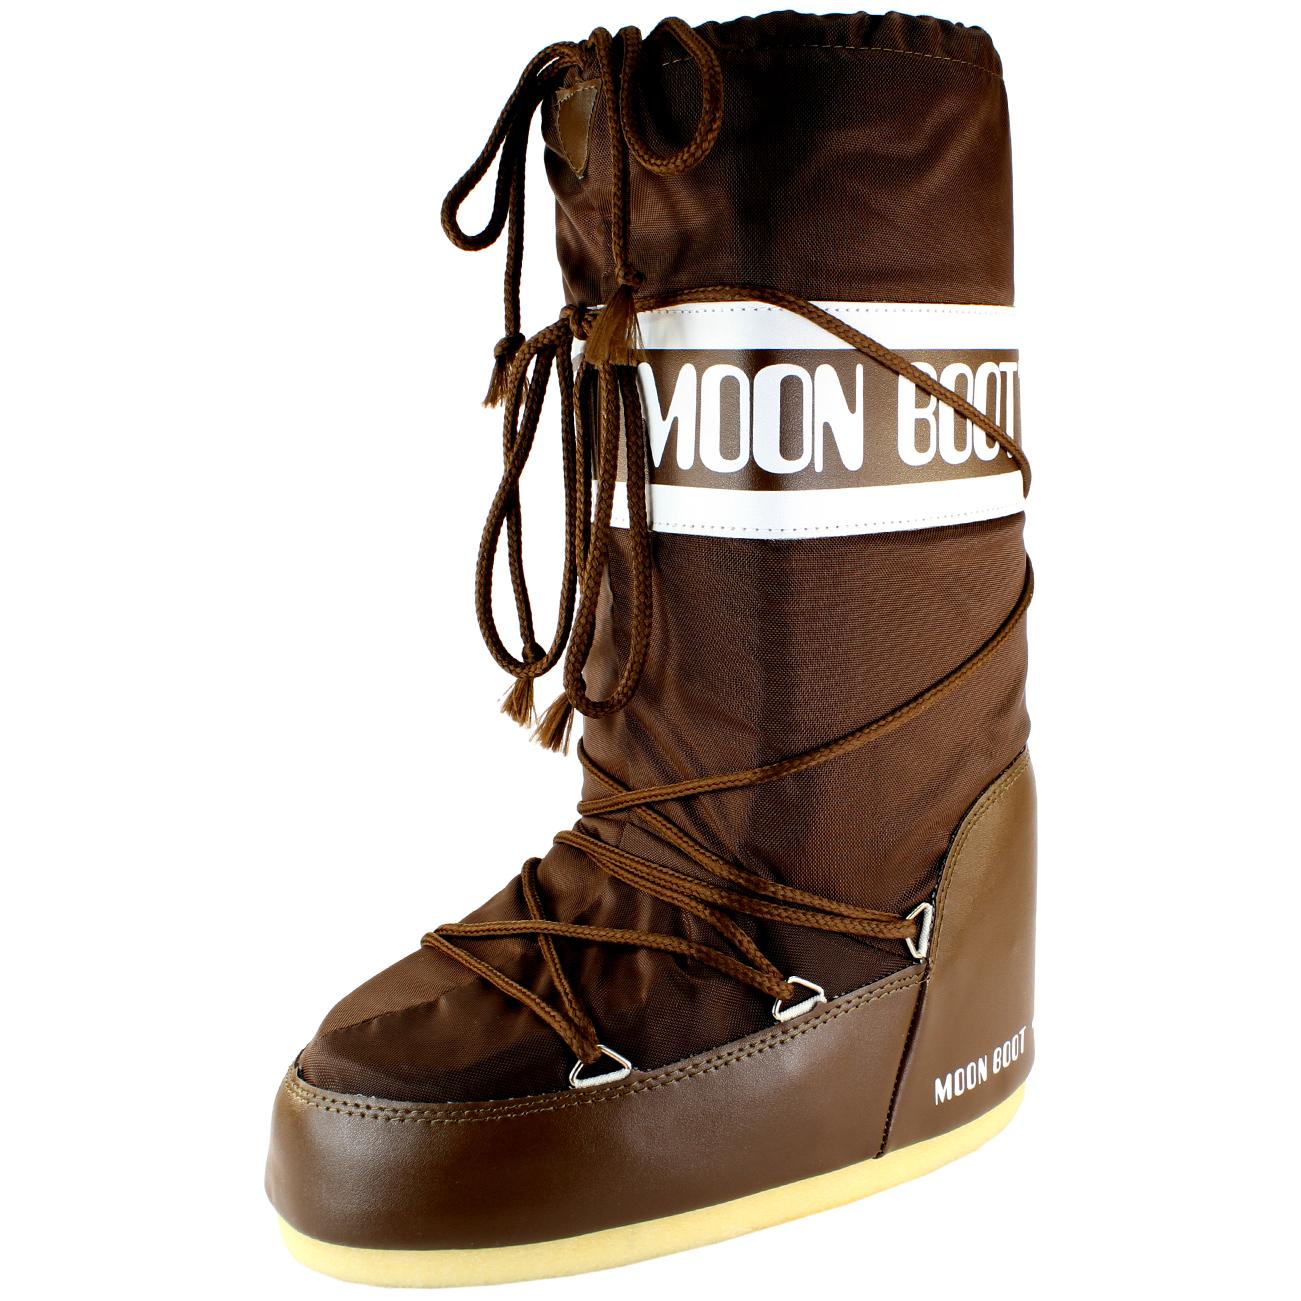 Zapatos invierno señora tecnica Moon Botas nylon Water Proof llover invierno Zapatos ski botas 36-41 6a6656